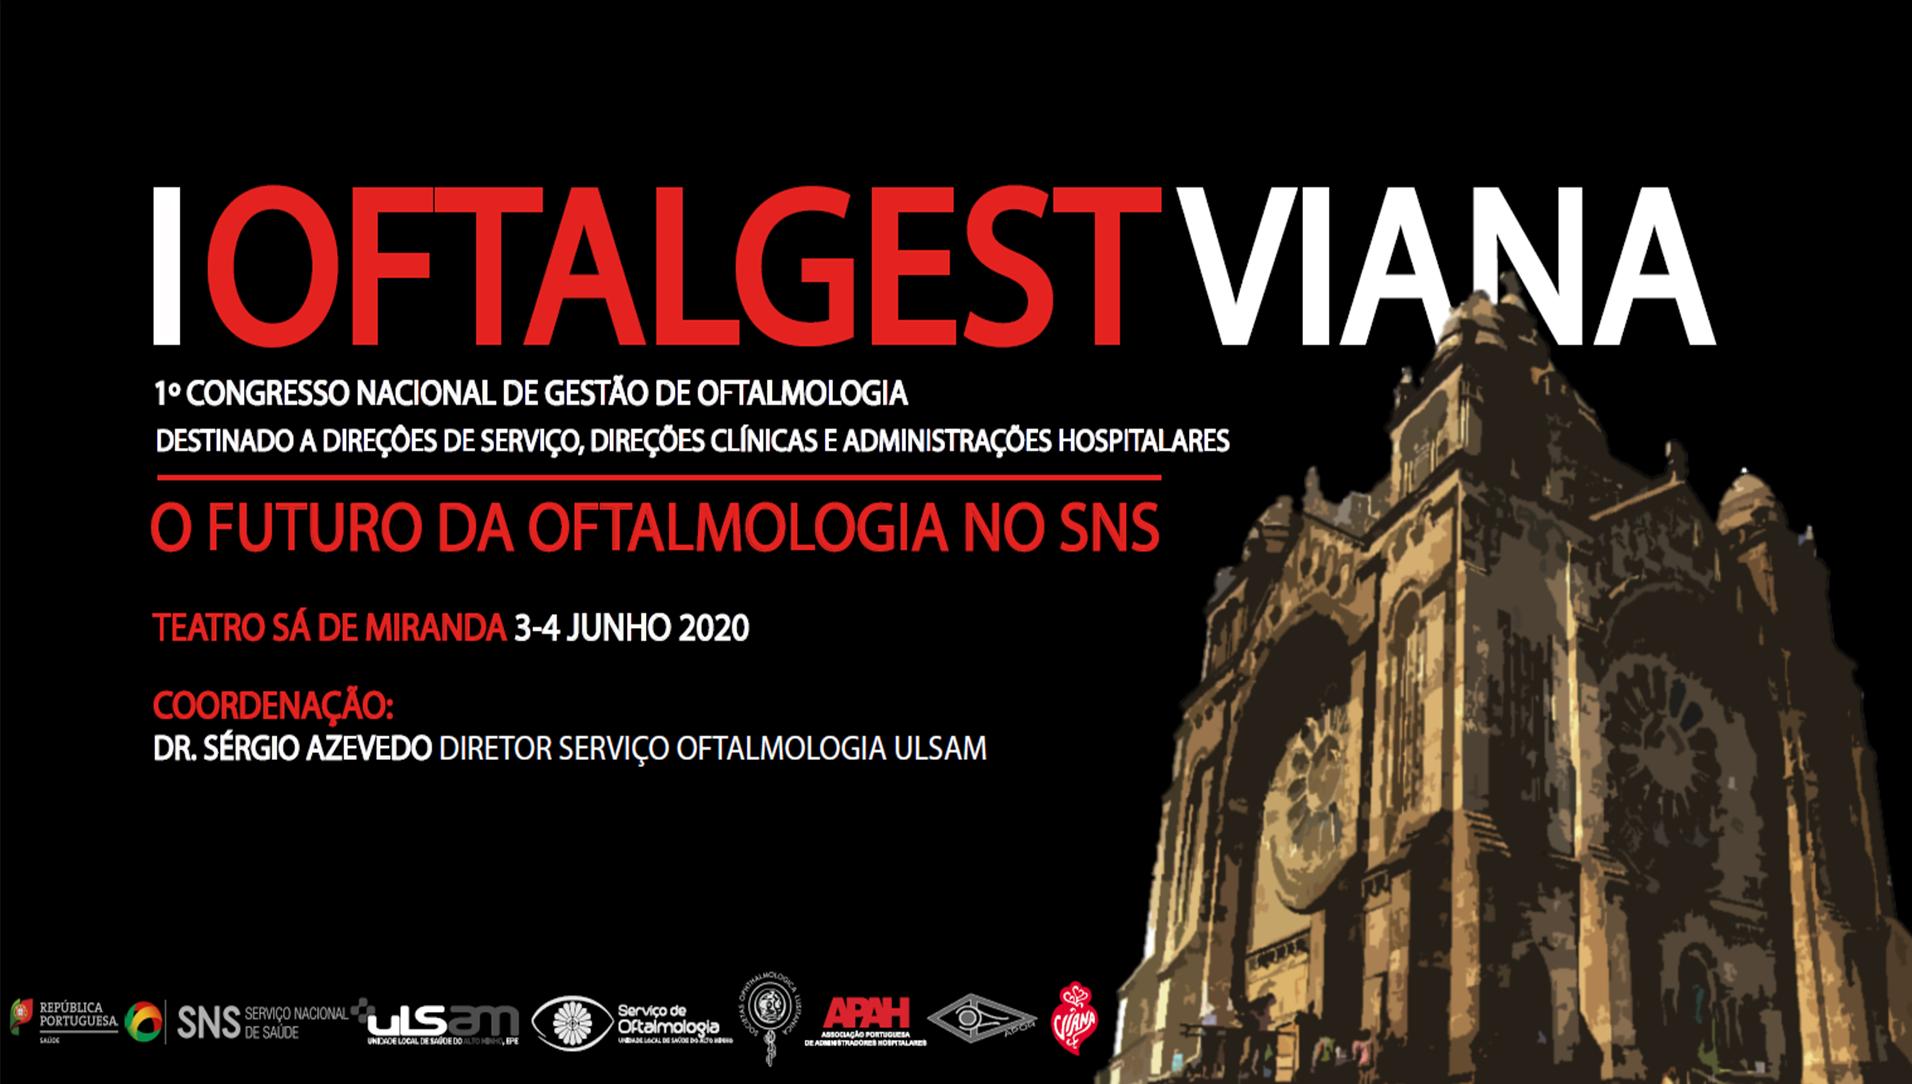 Imagem da notícia: I Oftalgest Viana debate o futuro da oftalmologia no SNS